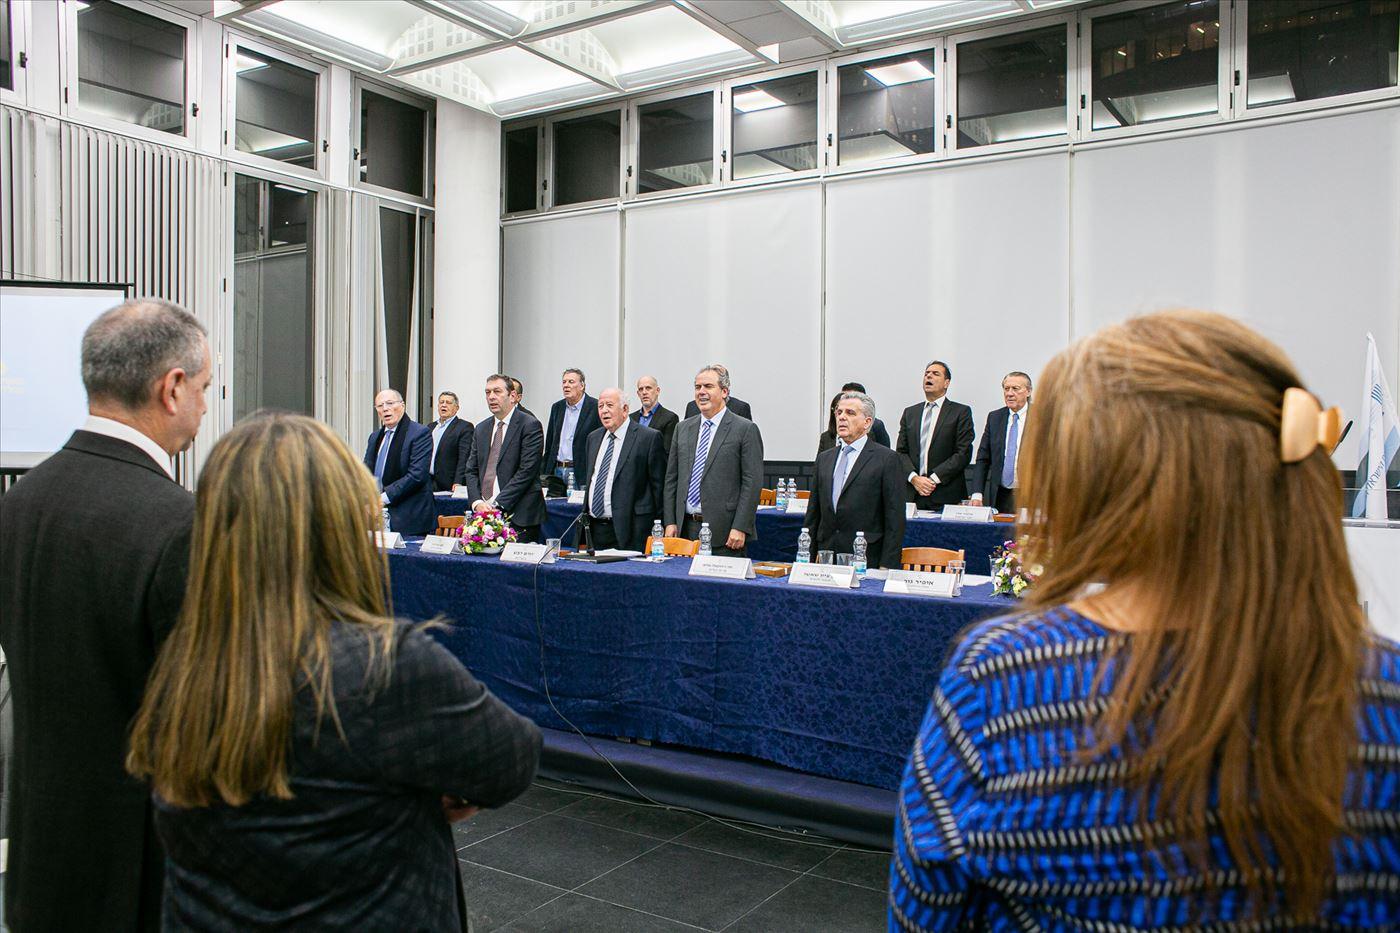 גלרייה - האסיפה הכללית ה-70 תמונה 237 מתוך 239